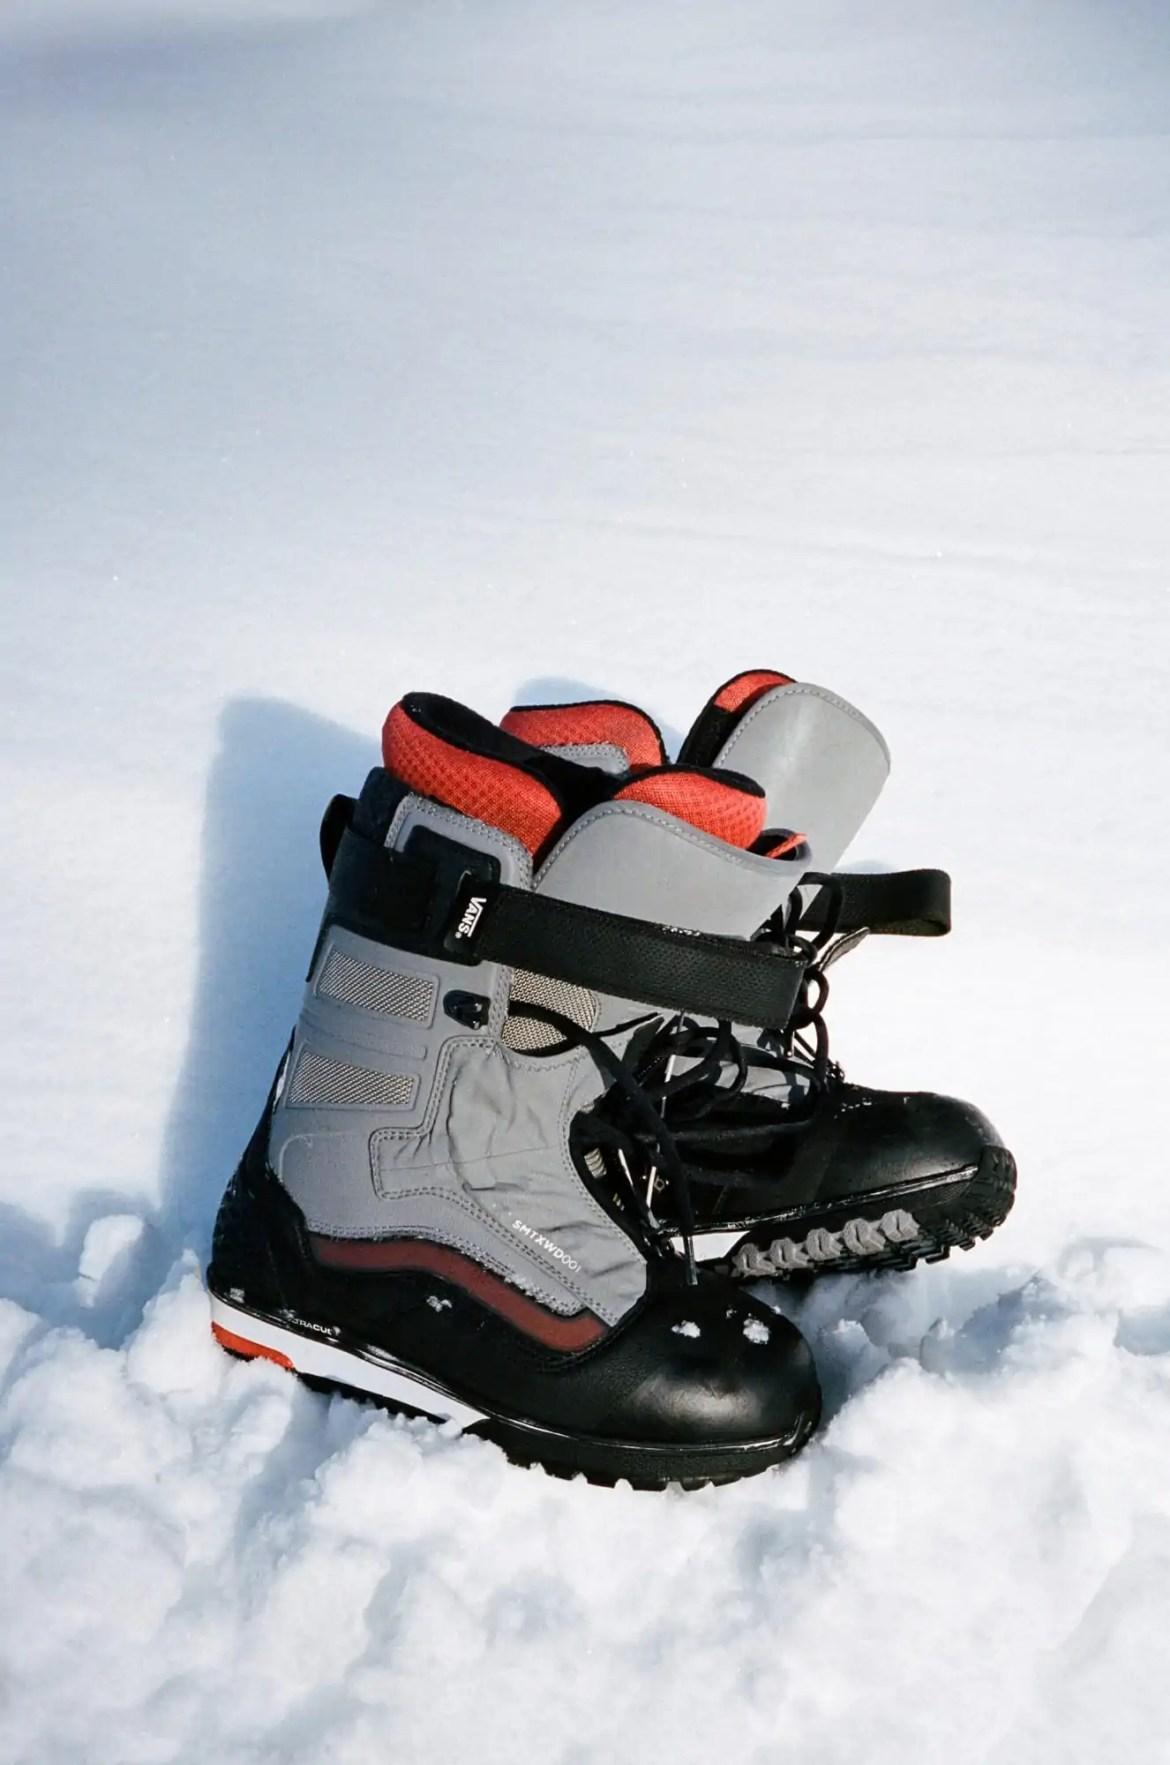 Vans Snowboardboots sneeuw